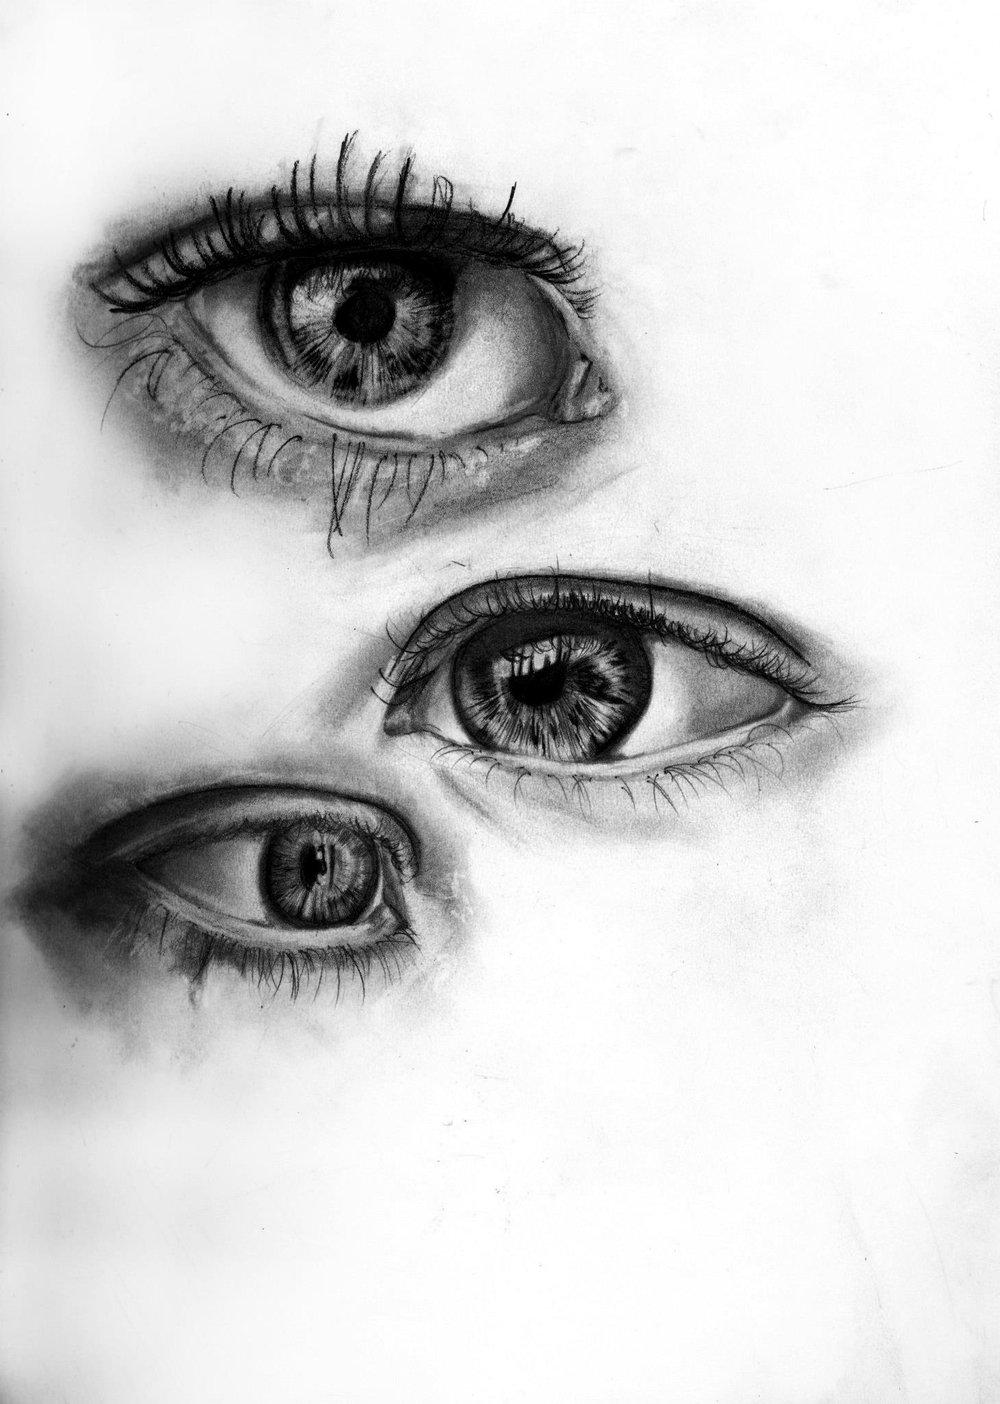 eye study.jpg